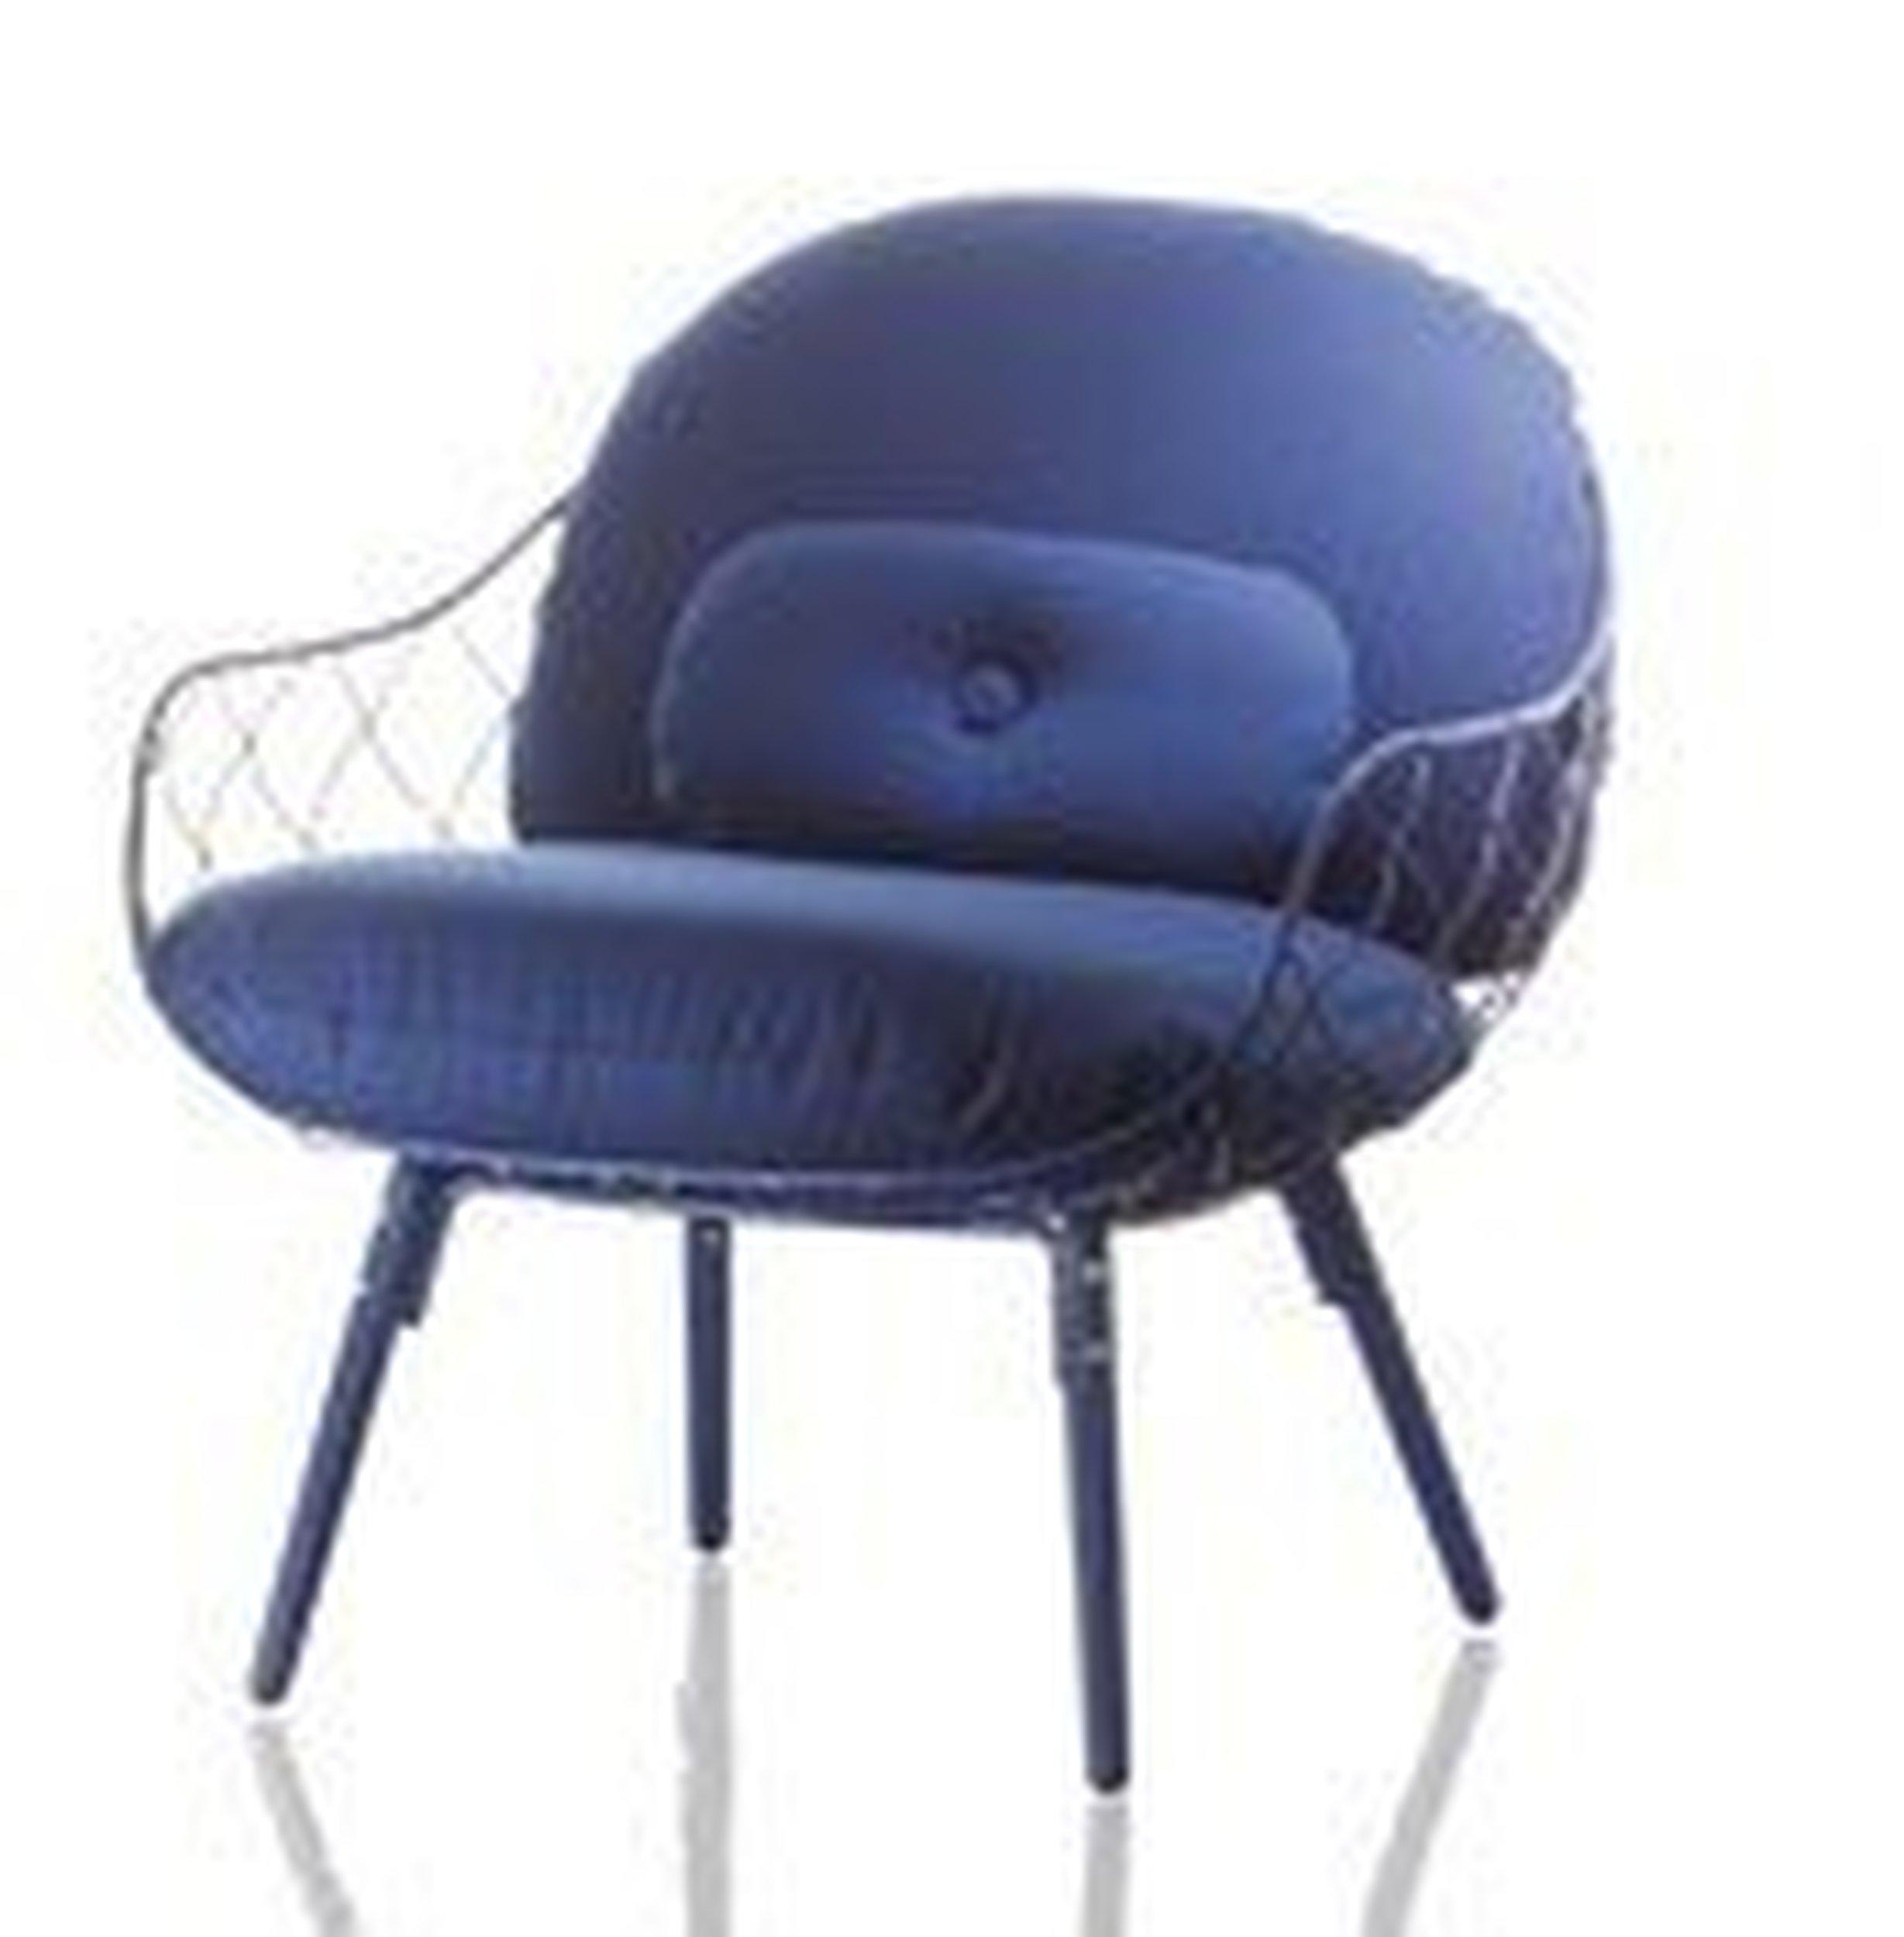 Fotel niski Pina niebieskie rama i siedzisko, niebieskie nogi - małe zdjęcie